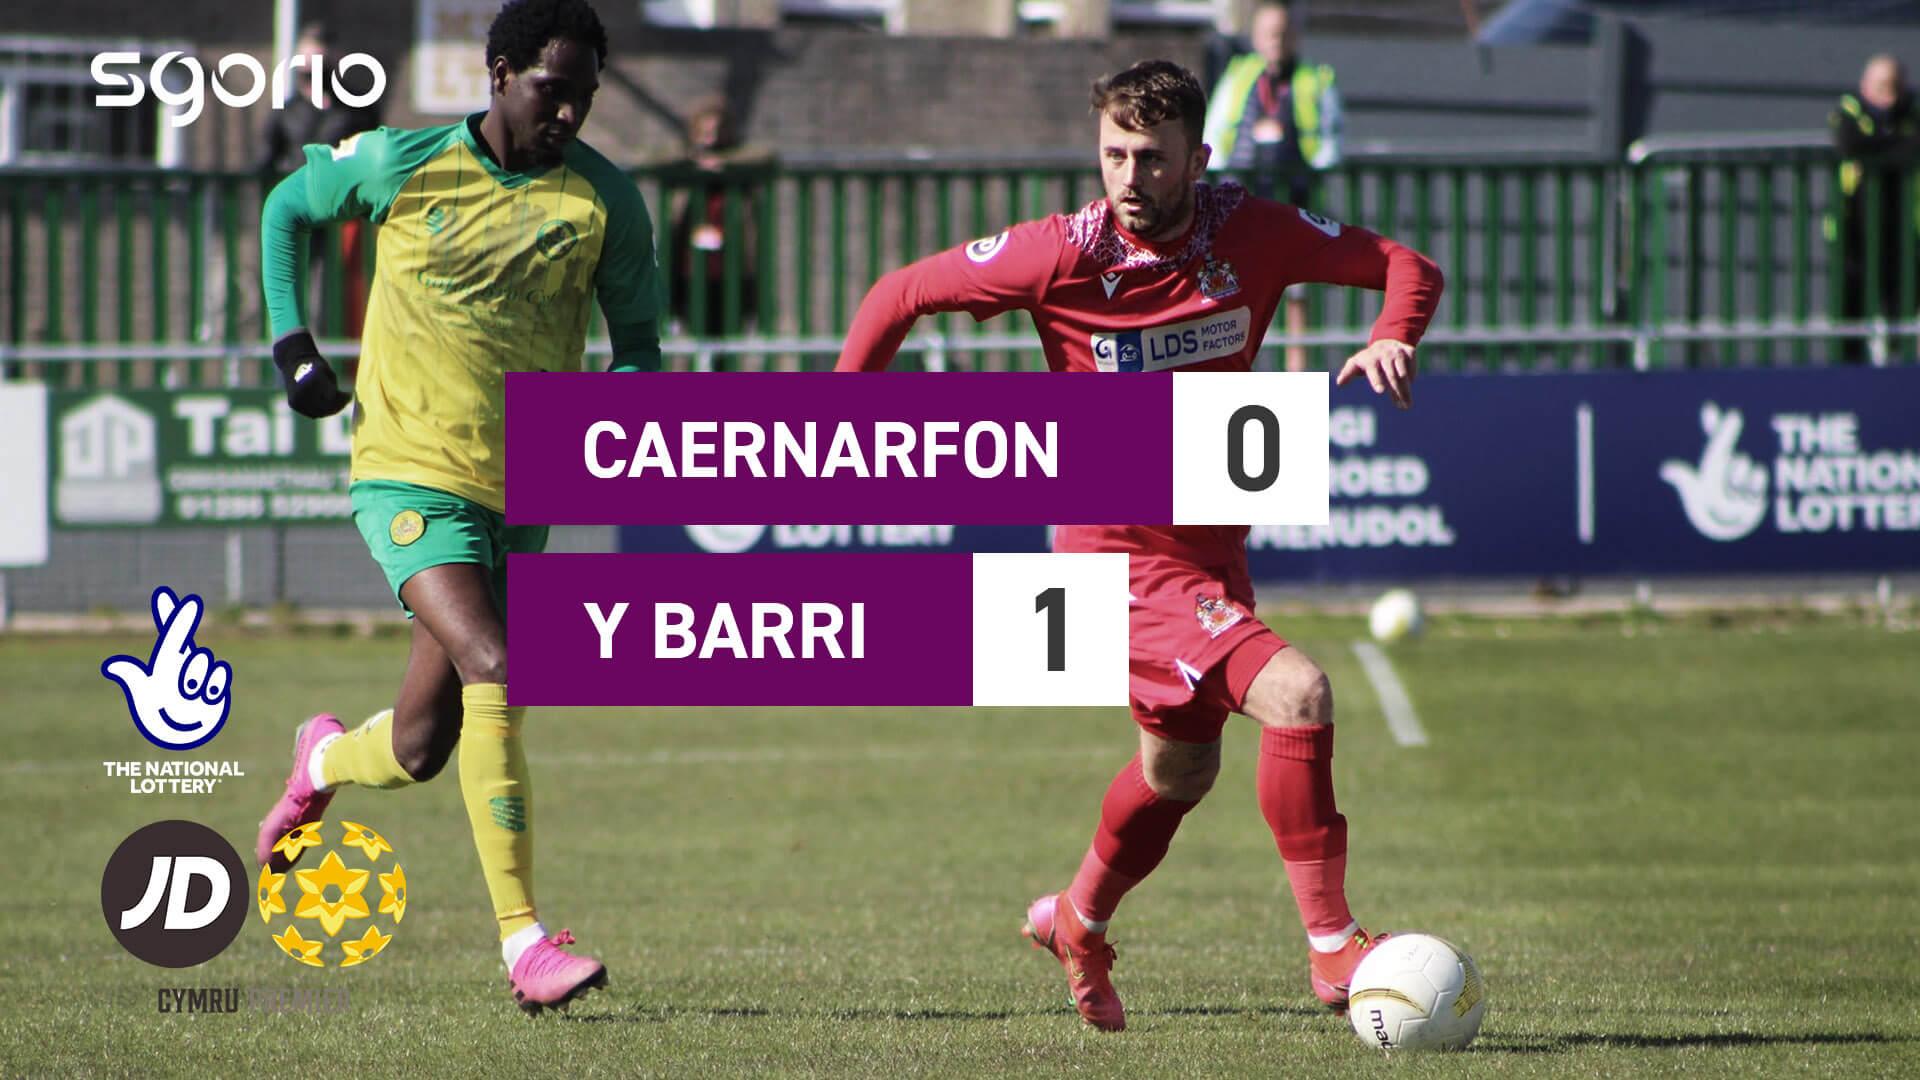 Caernarfon 0-1 Y Barri